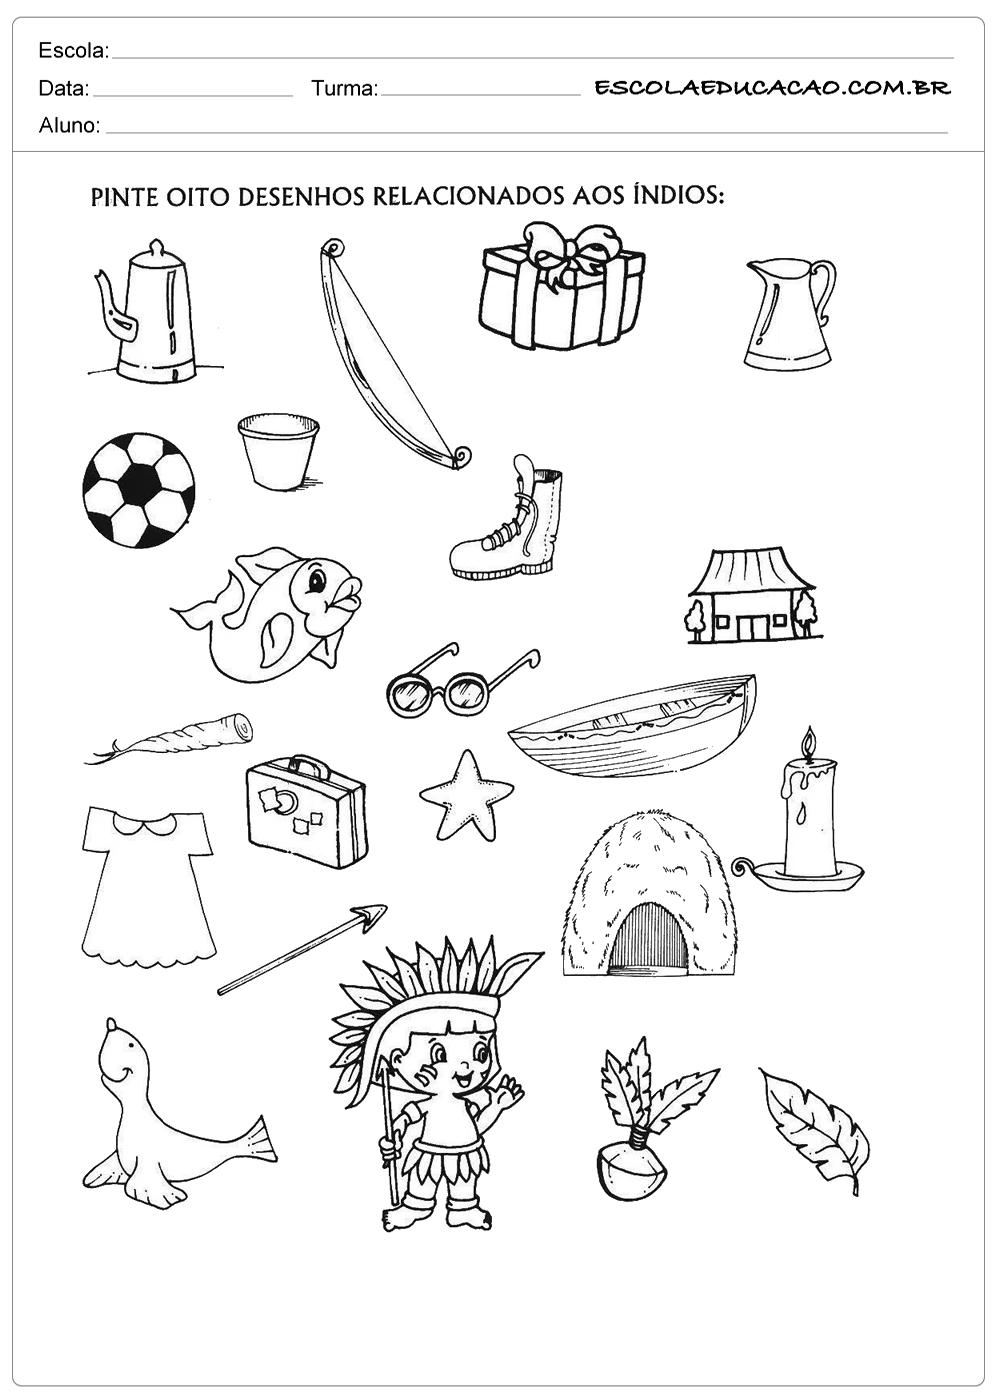 Atividade Dia Do Indio Educacao Infantil Pinte Os Desenhos